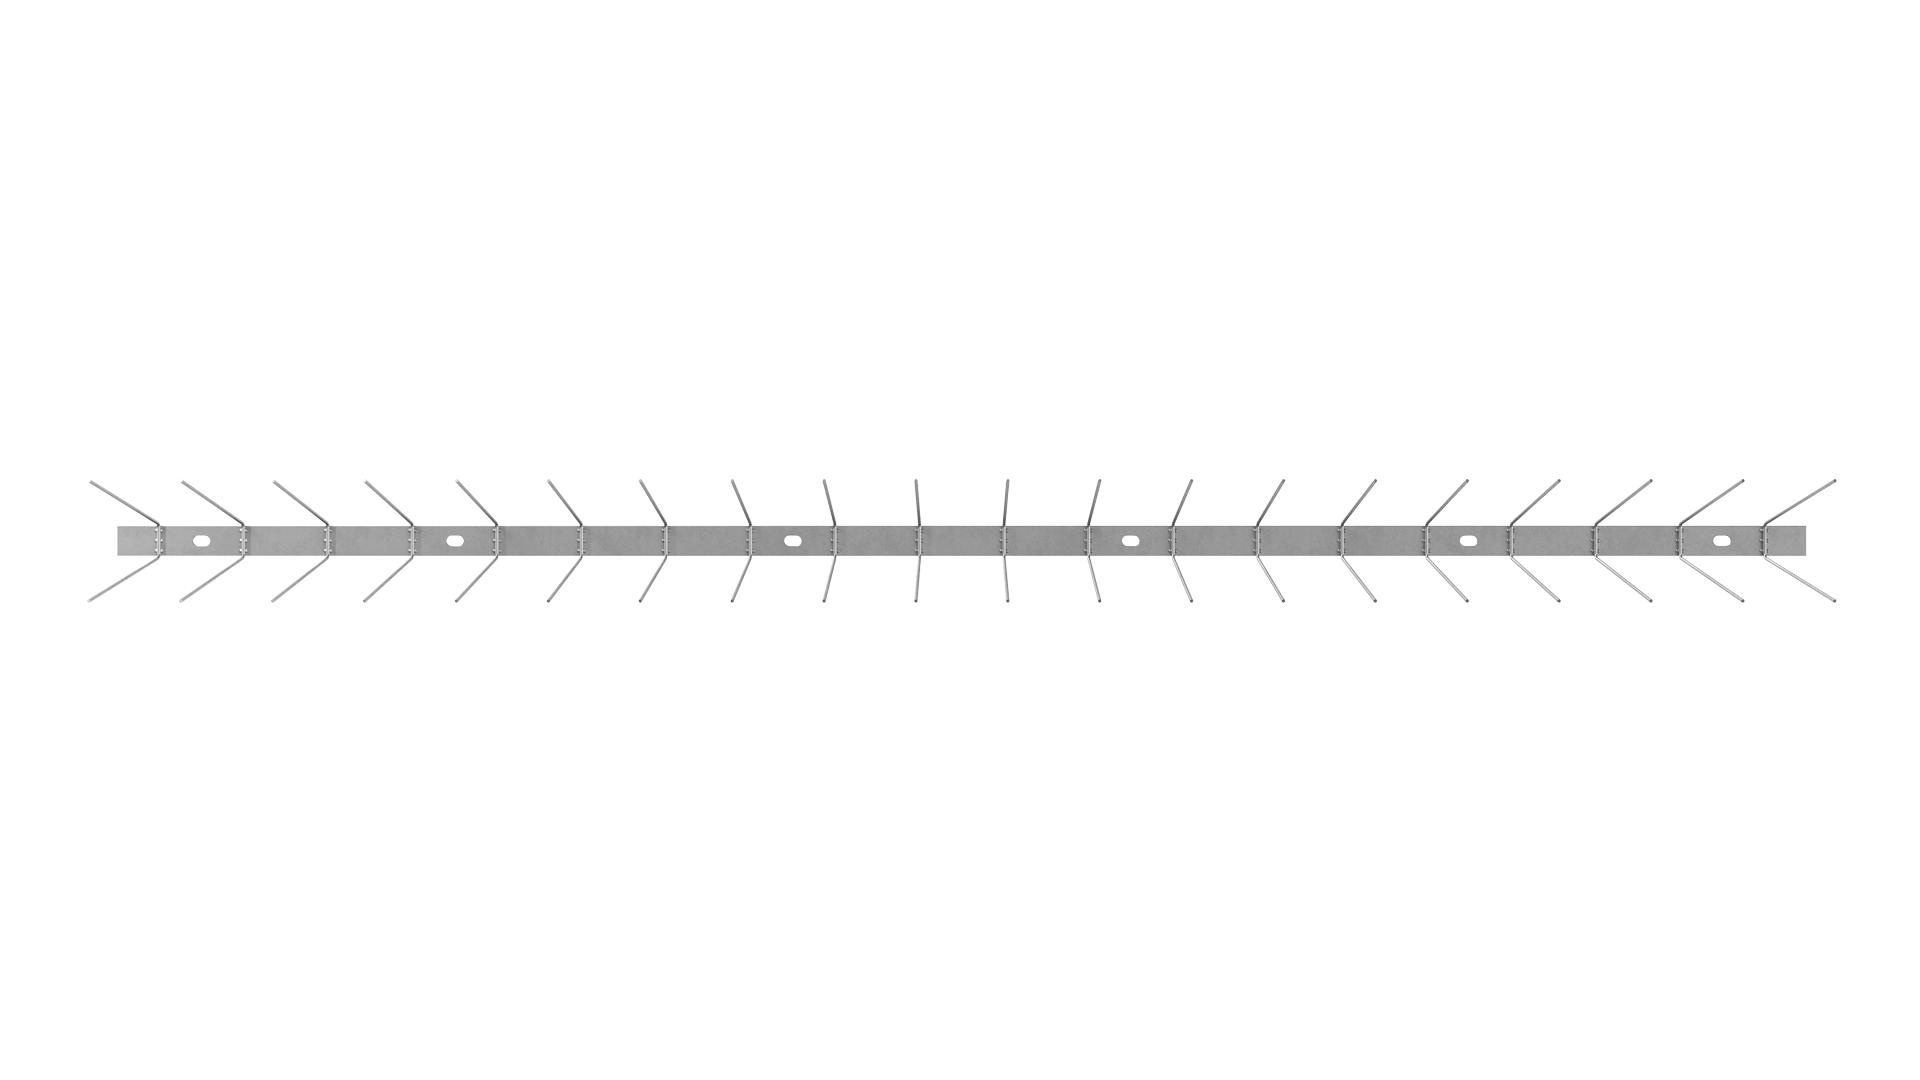 TAS 2er Taubenabwehrspitzen 1m lang, Taubenspikes 1.8 mm stark aus Edelstahl Rostfrei